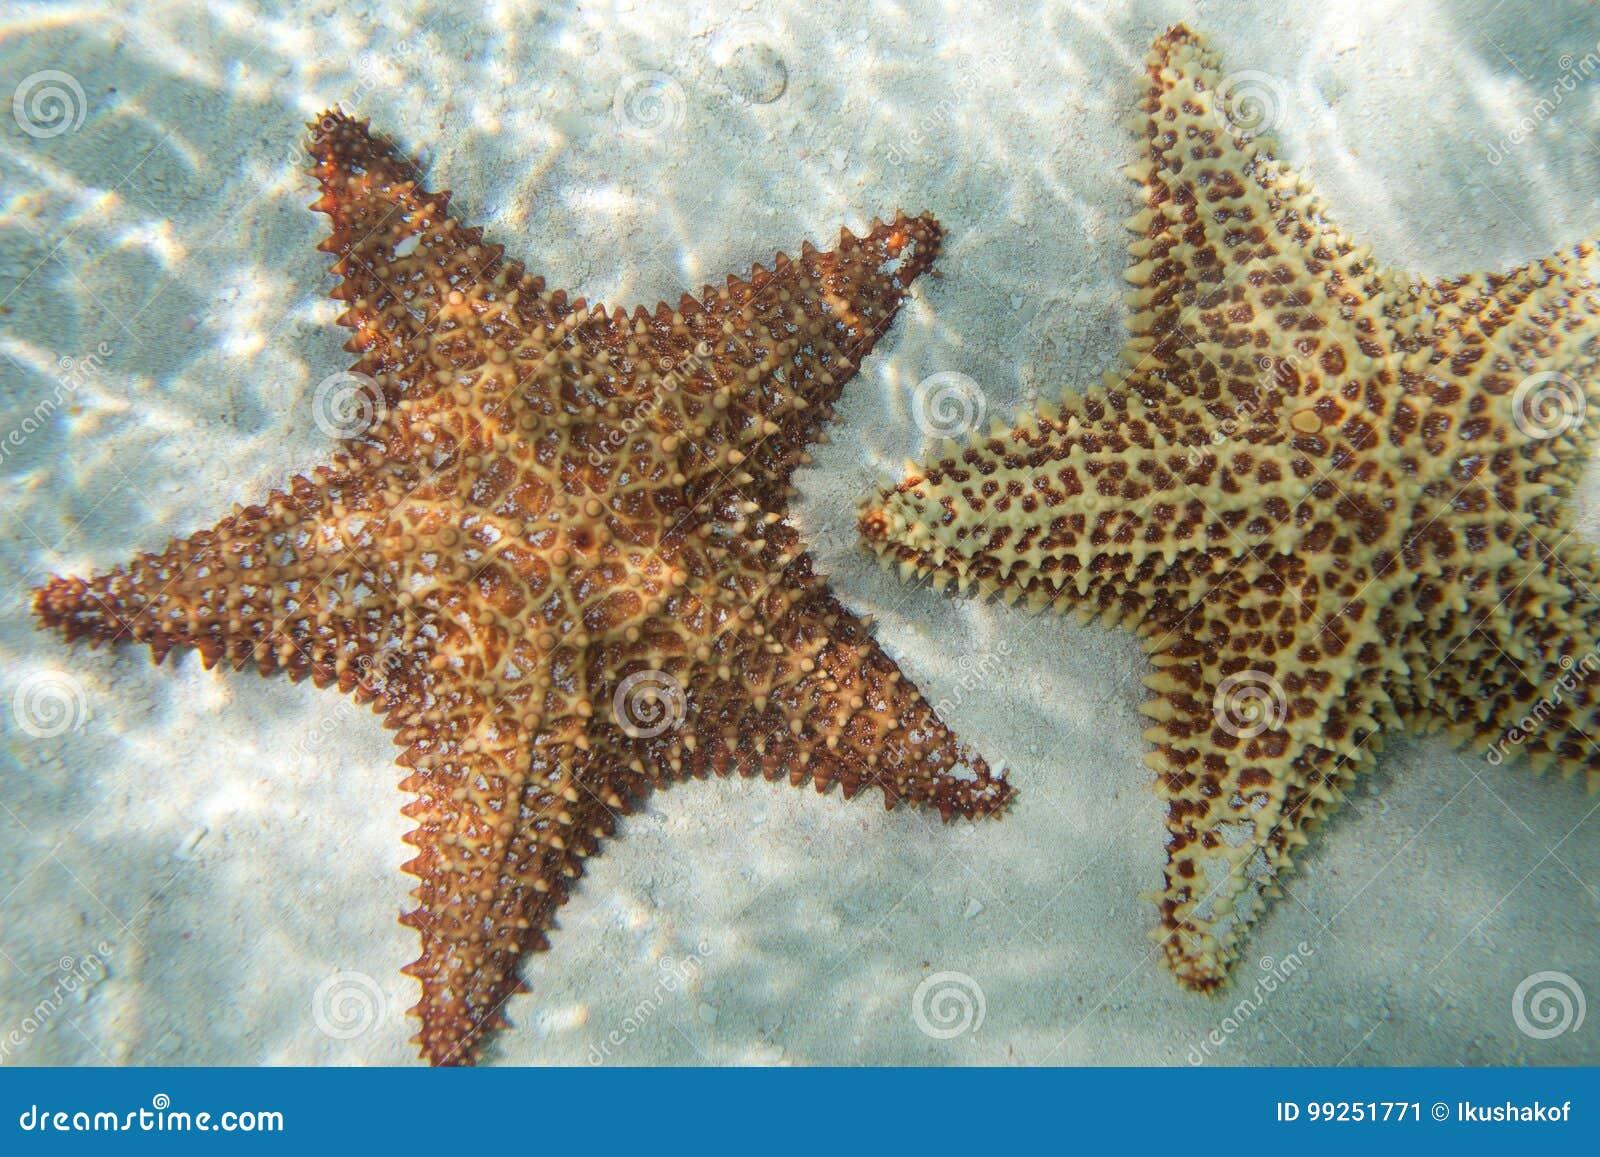 Zwei oange starfishs in einem Türkiswasser